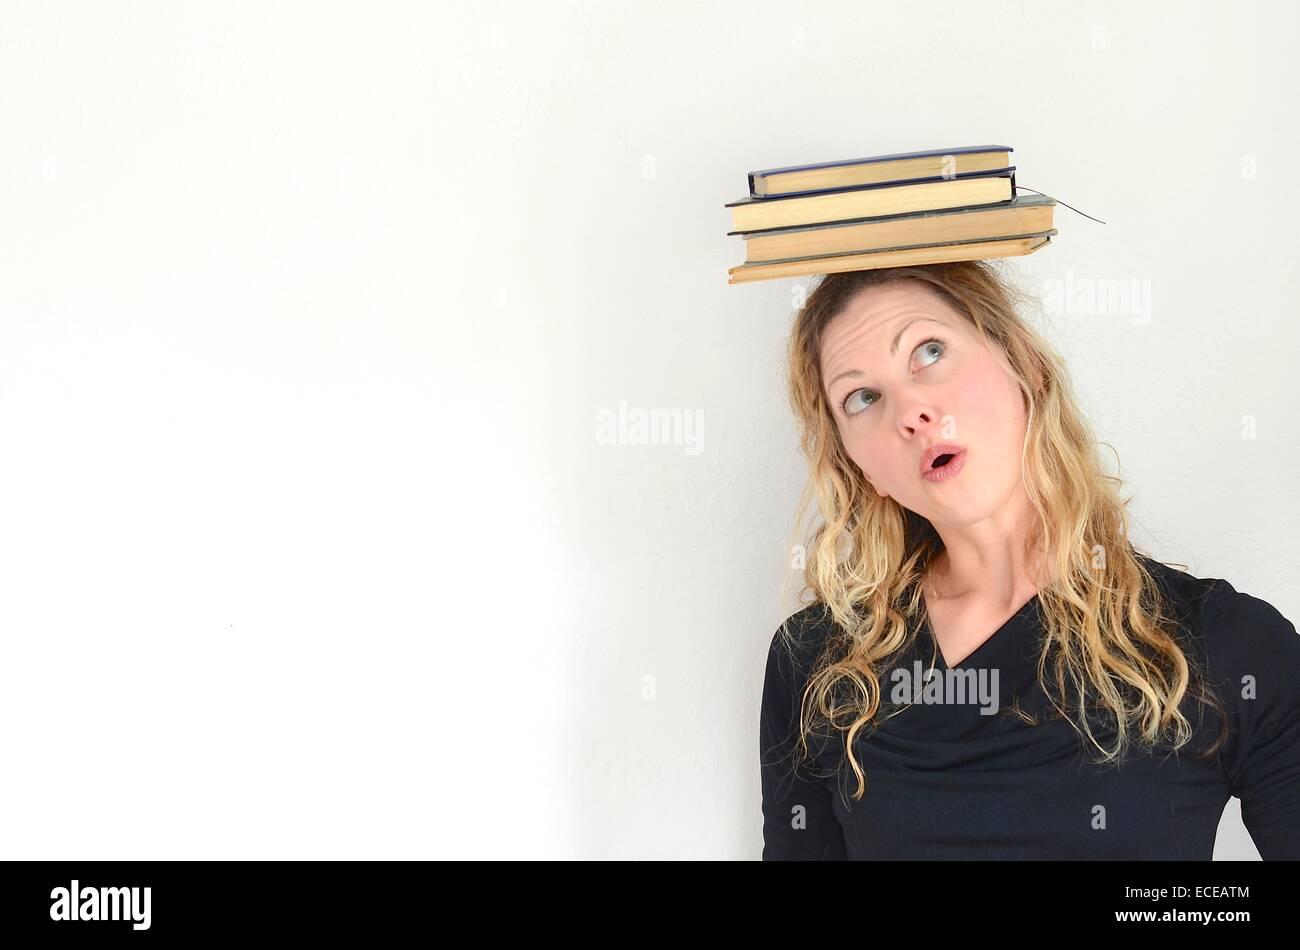 Donna che guarda fino alla pila di libri vintage equilibrato sulla testa Immagini Stock